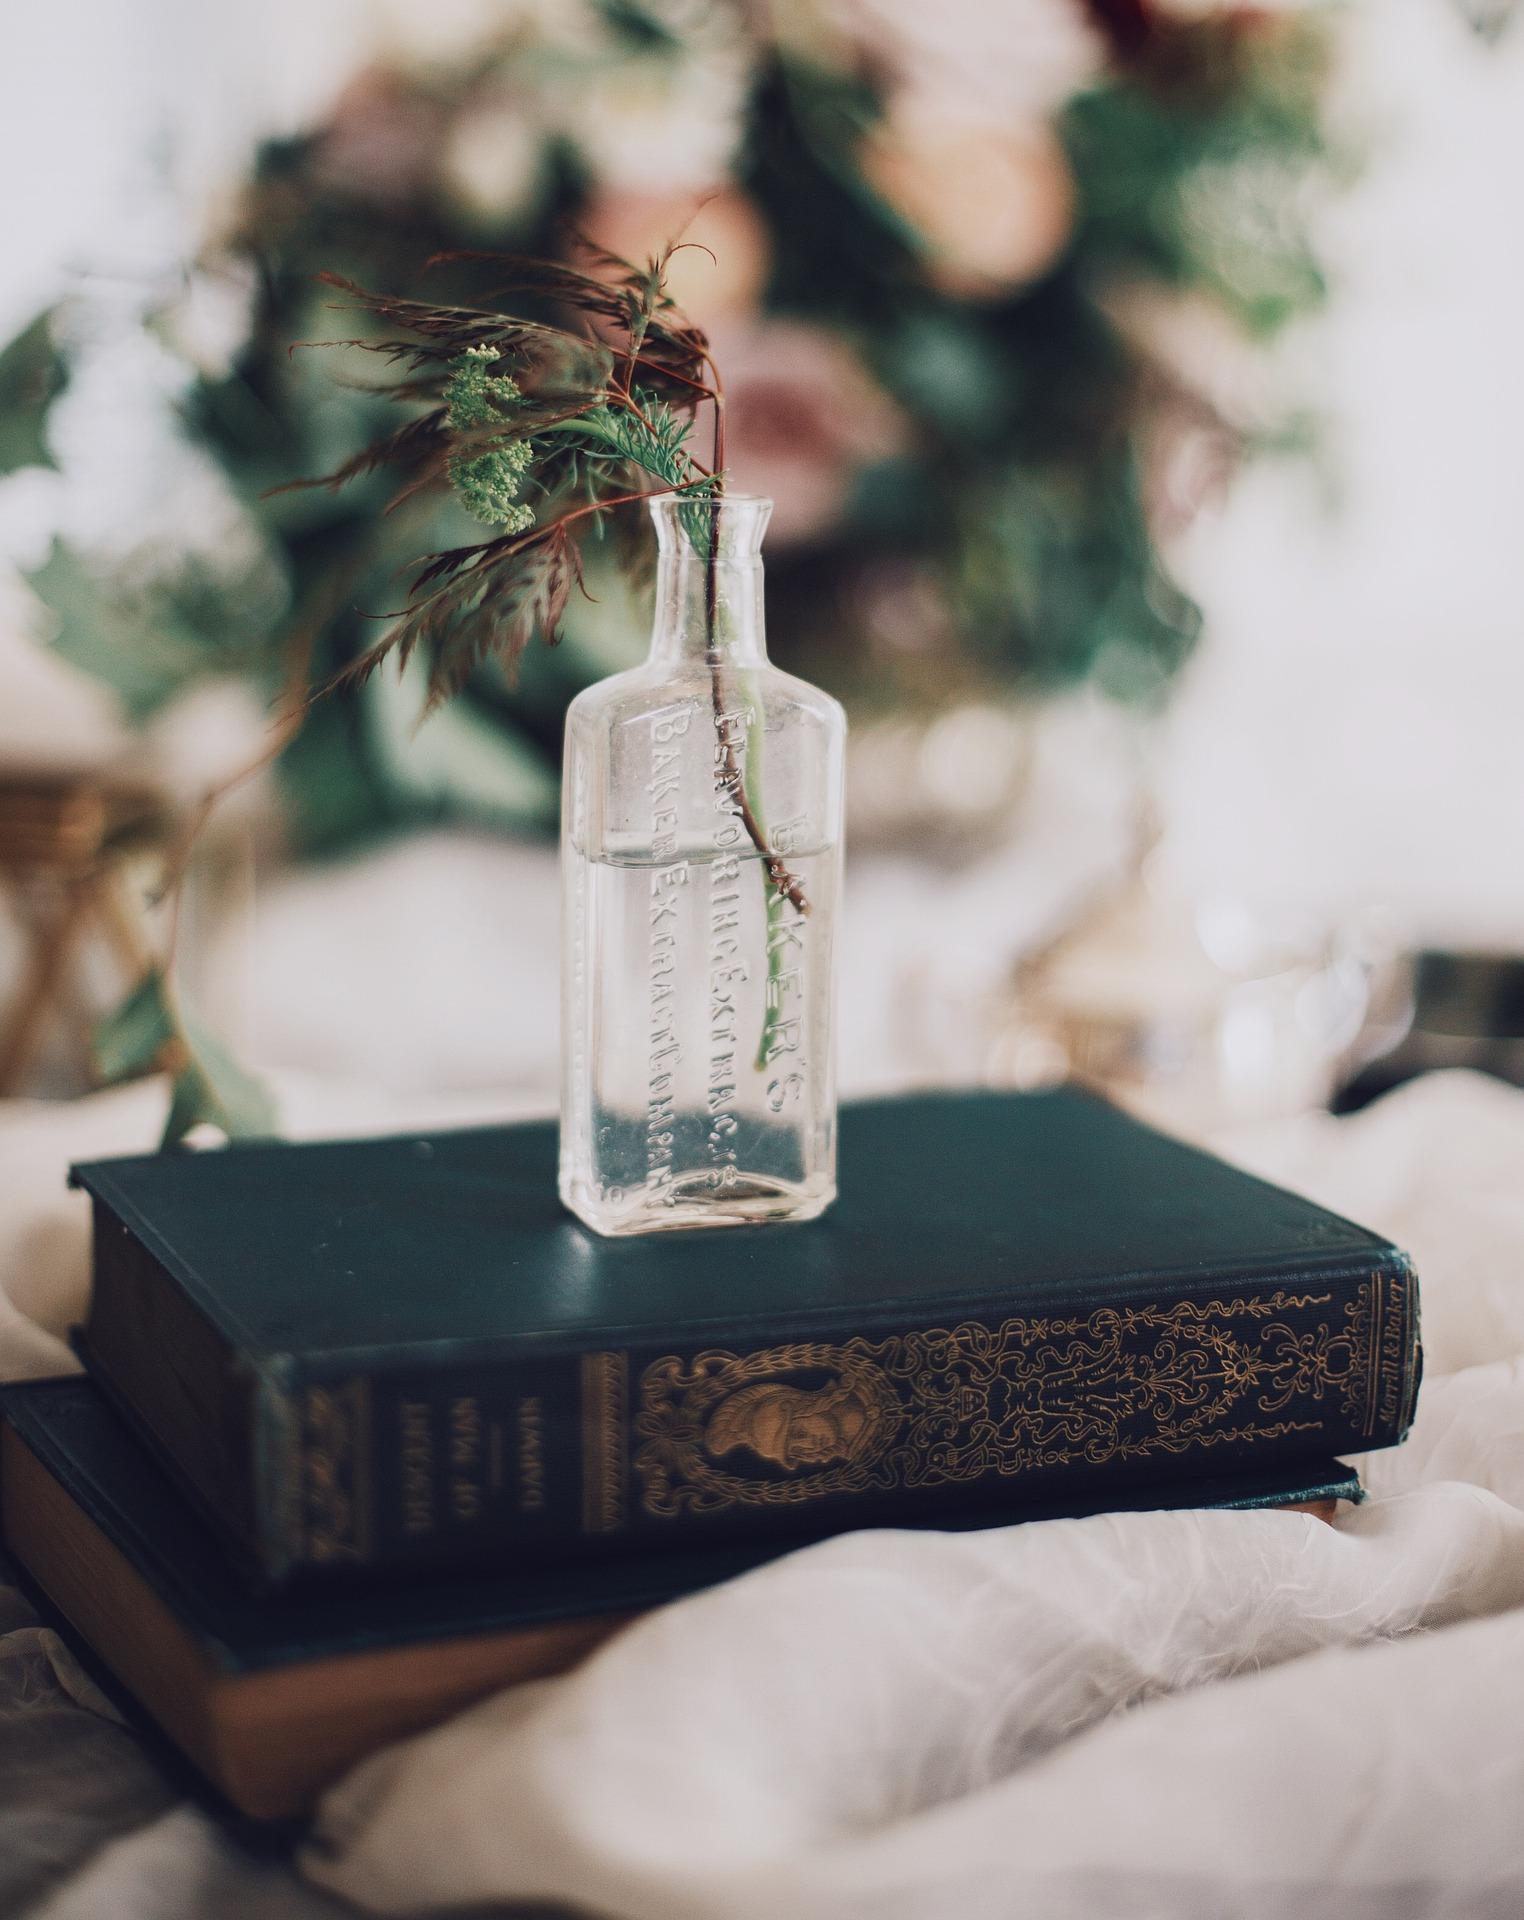 czytanie książek jest super